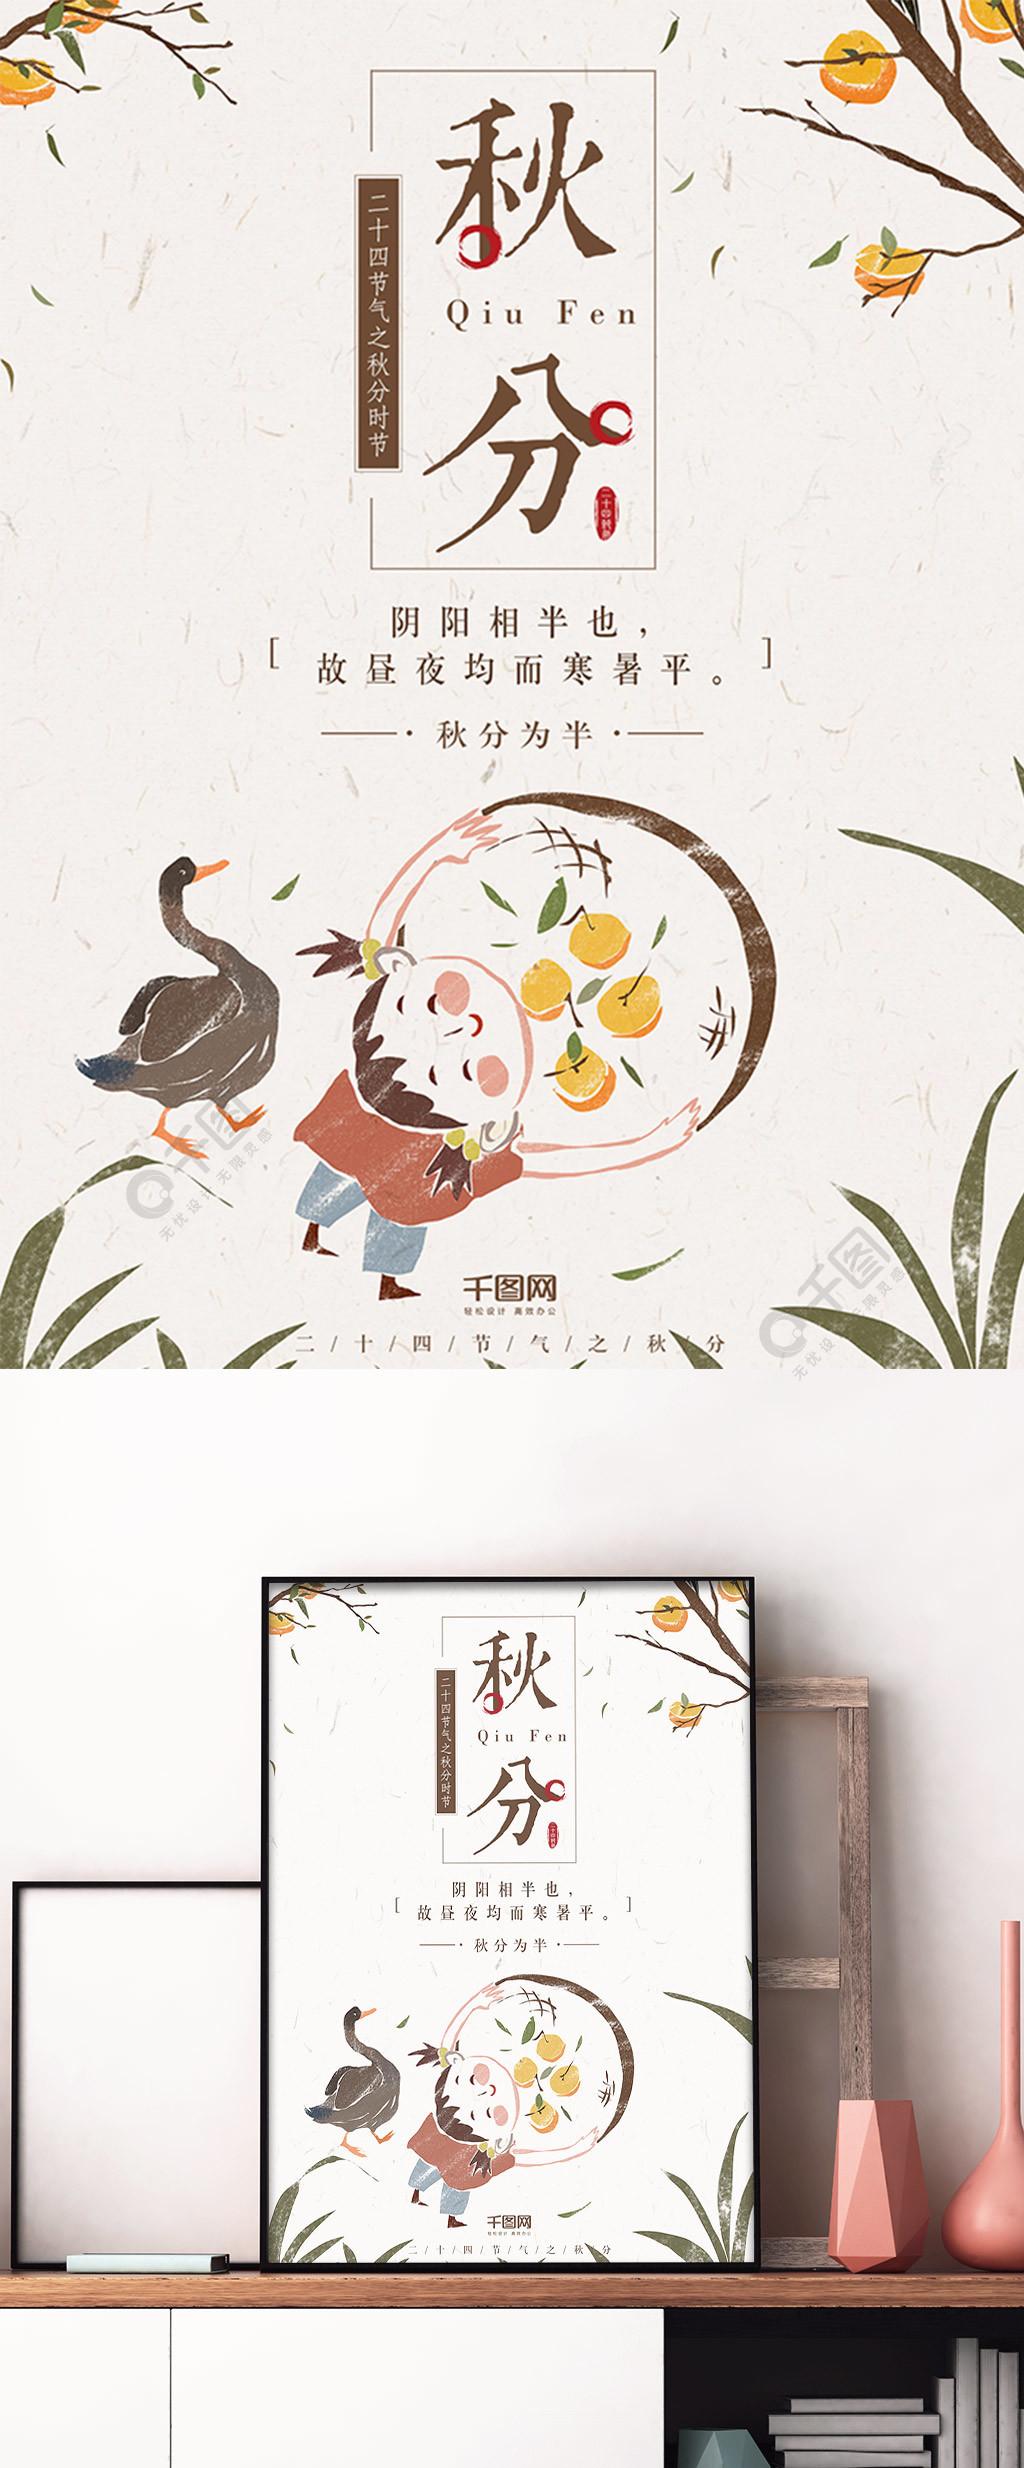 唯美插画中国风二十四节气秋分宣传海报设计